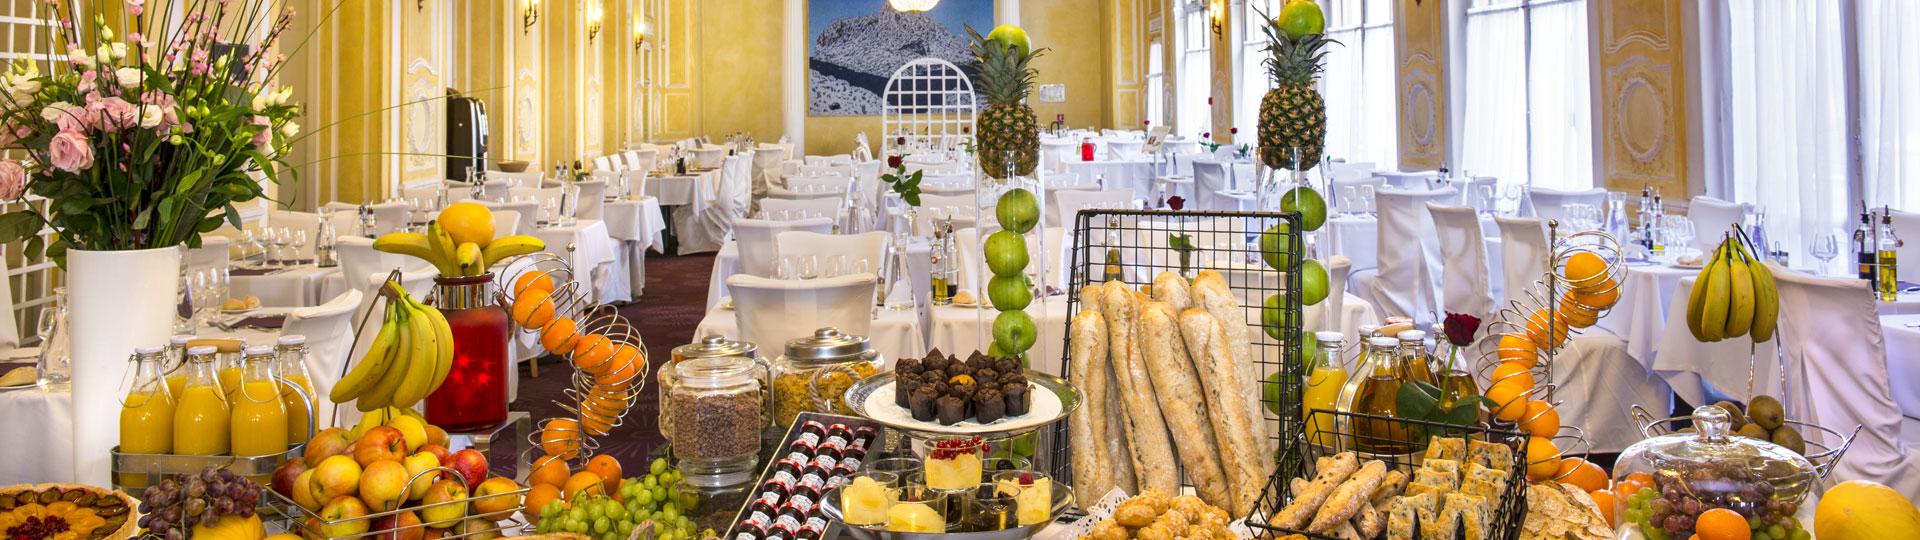 Buffet du restaurant de l'hôtel Le Royal à Nice